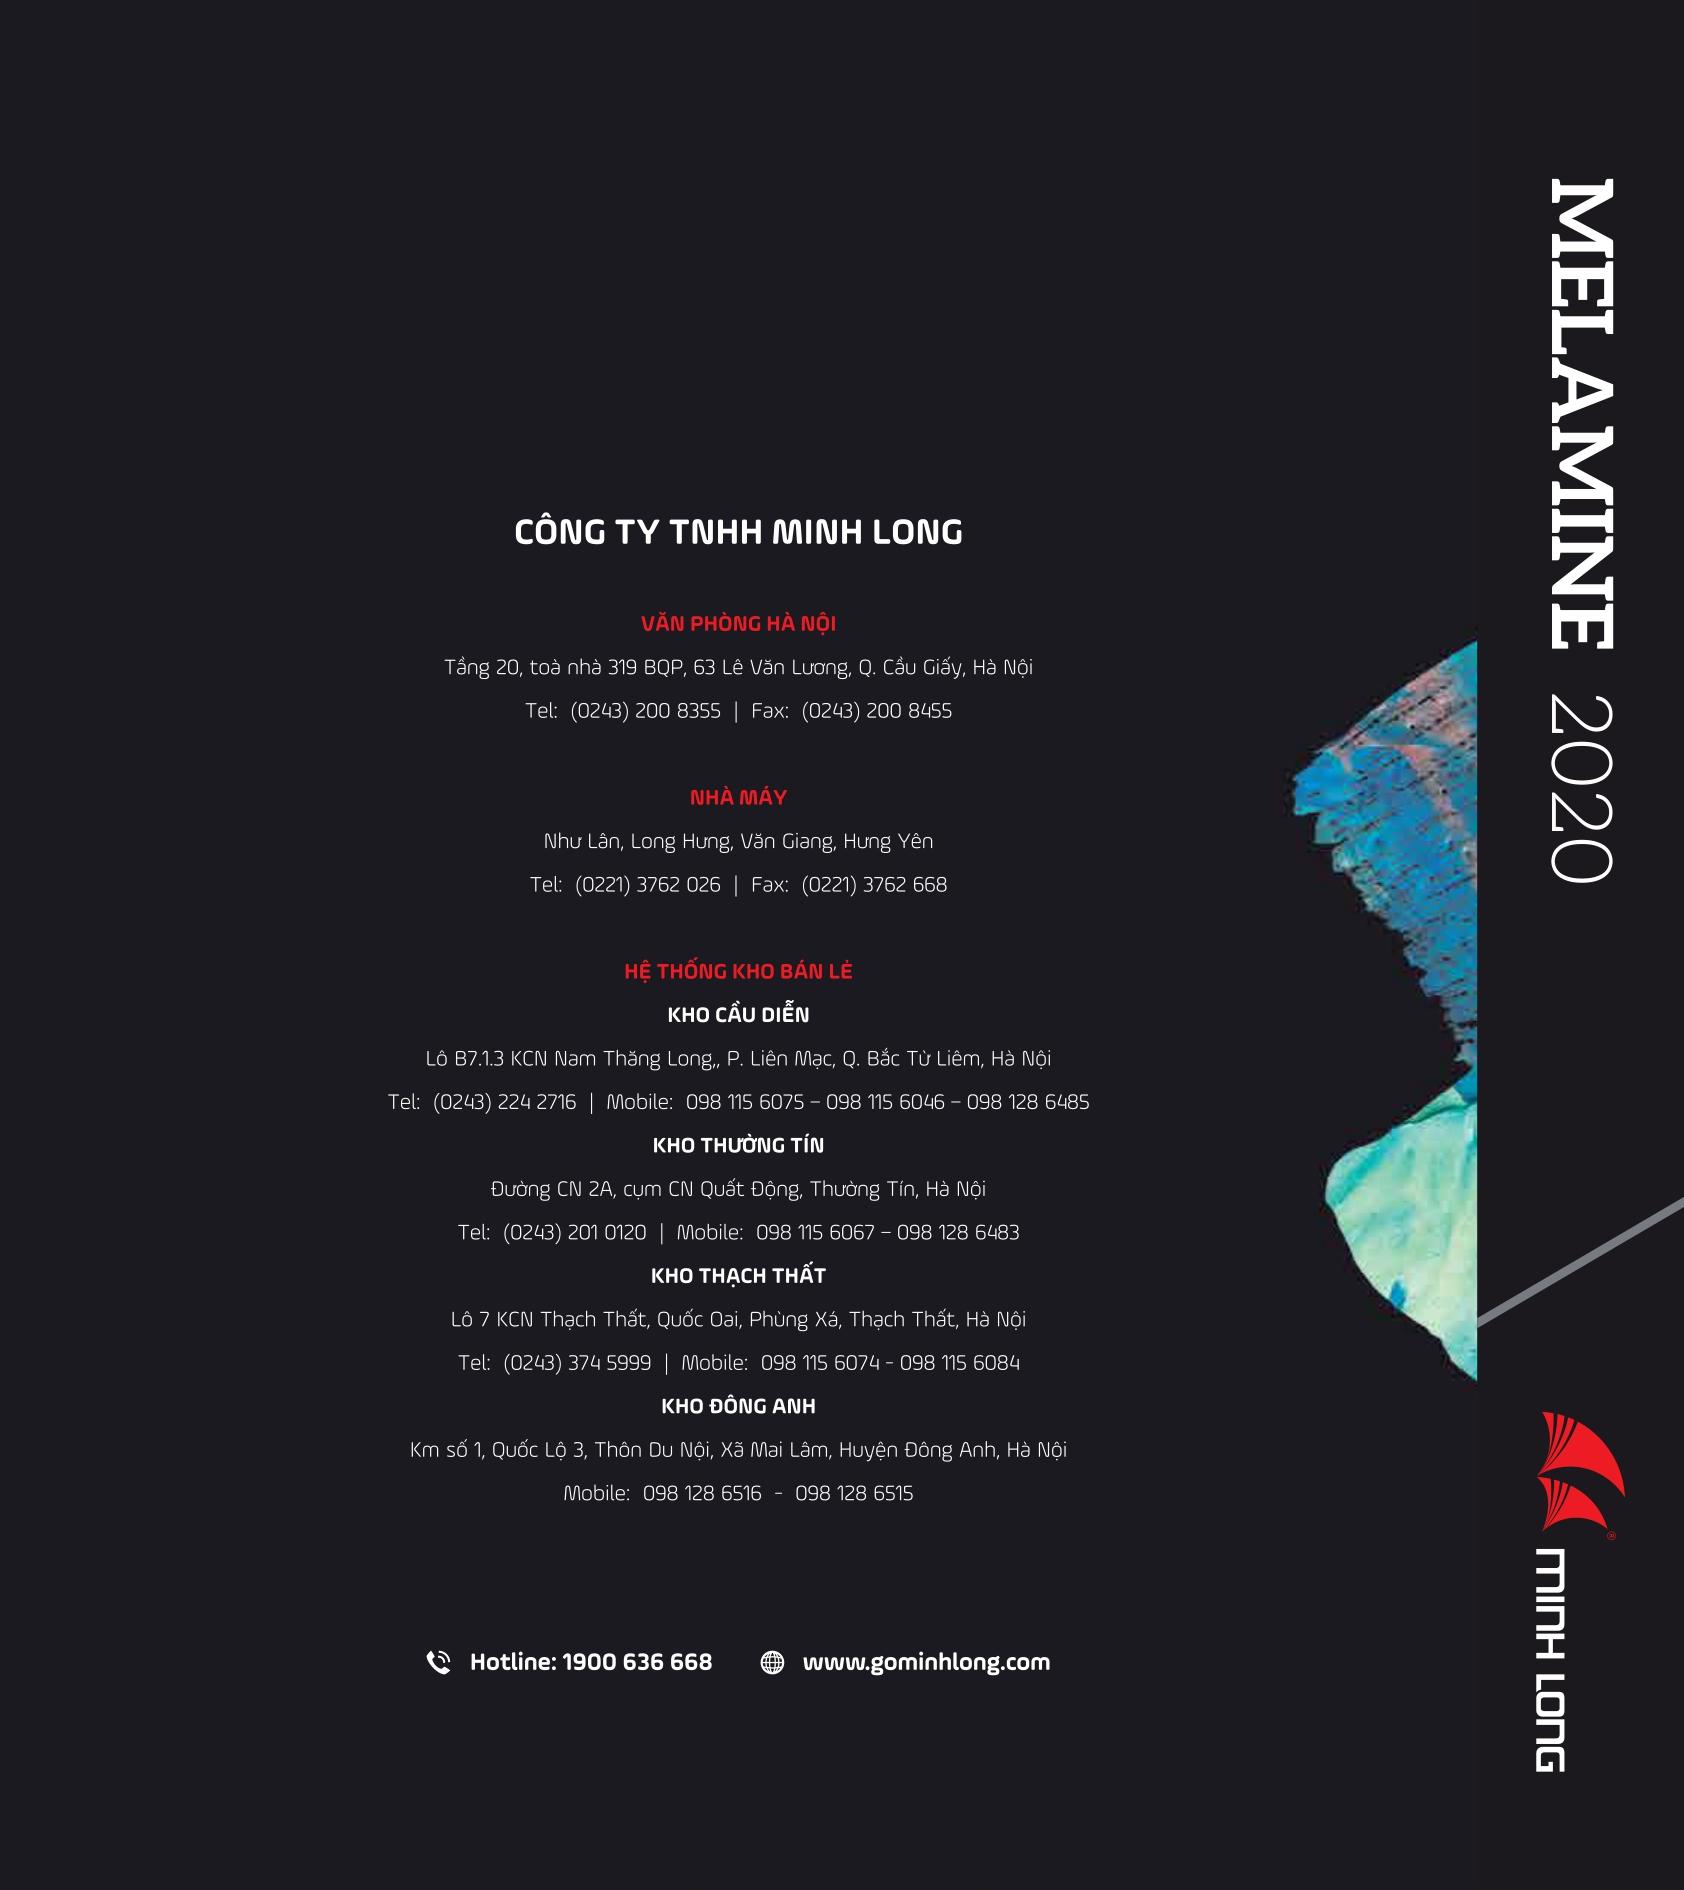 BST Melamine 2020 – 2021 - Gỗ Minh Long- 32